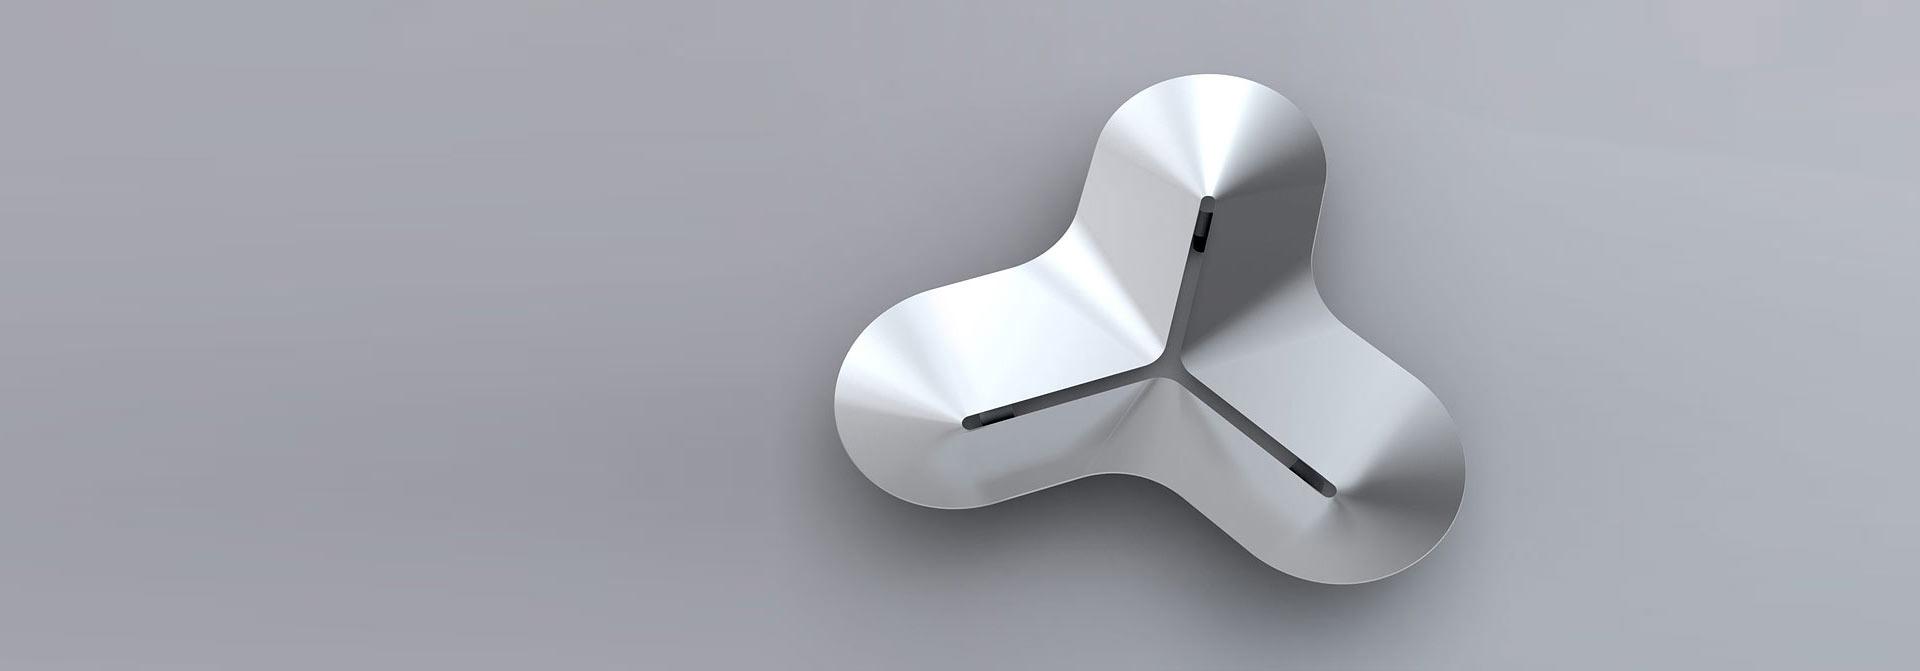 Fruitbowl Productdesign d+e